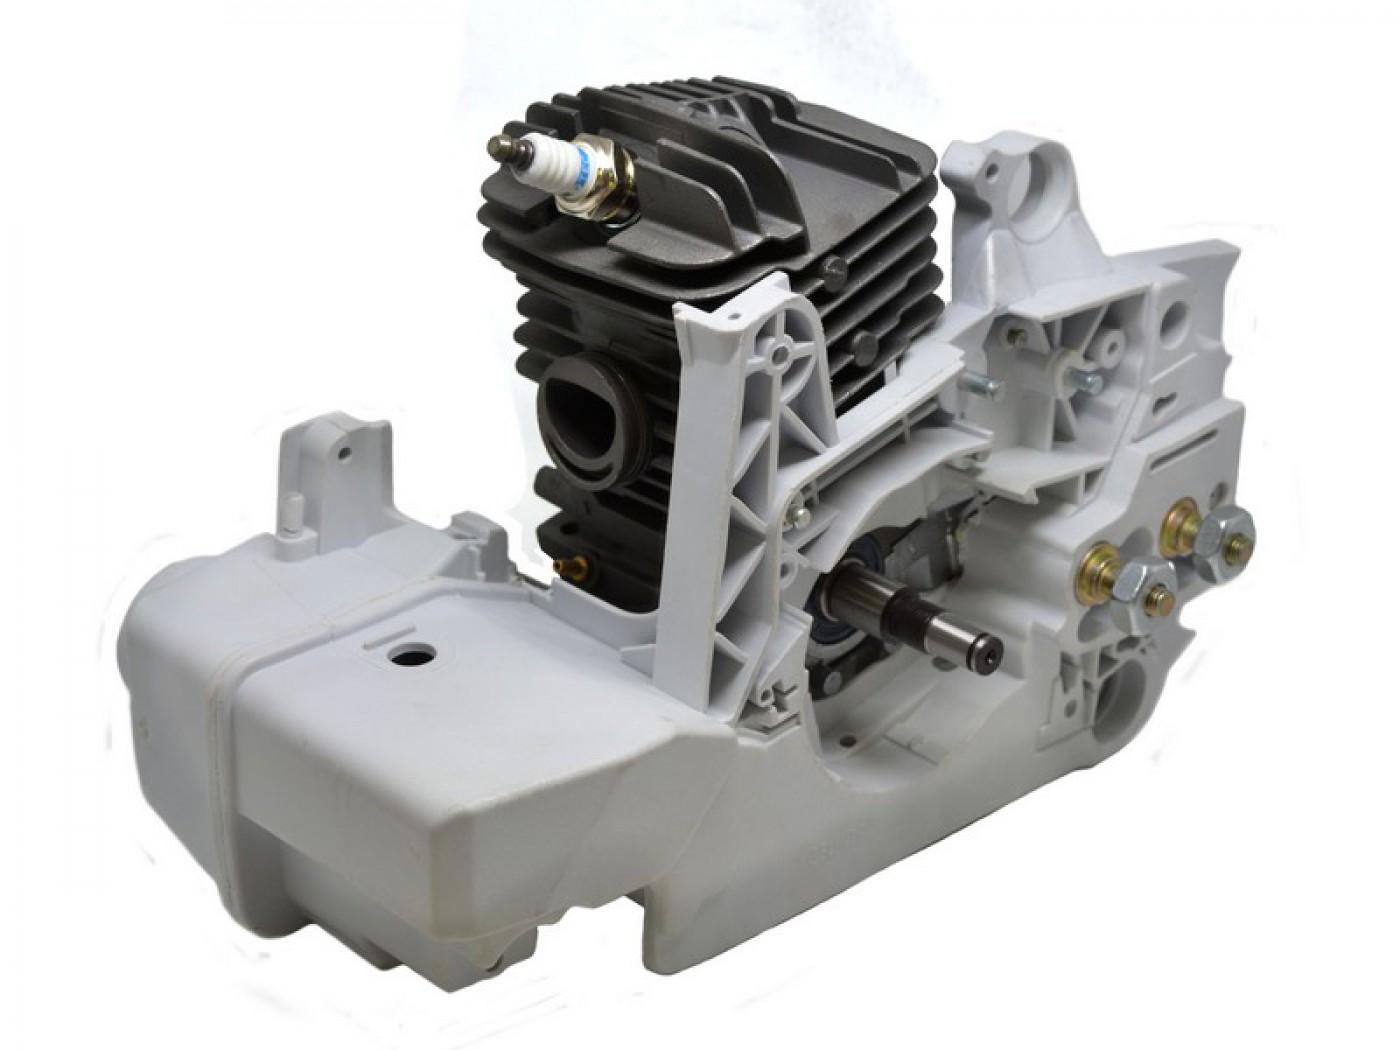 Motor Stihl MS 390 039 + kliková skříň - UŠETŘÍTE 700 Kč